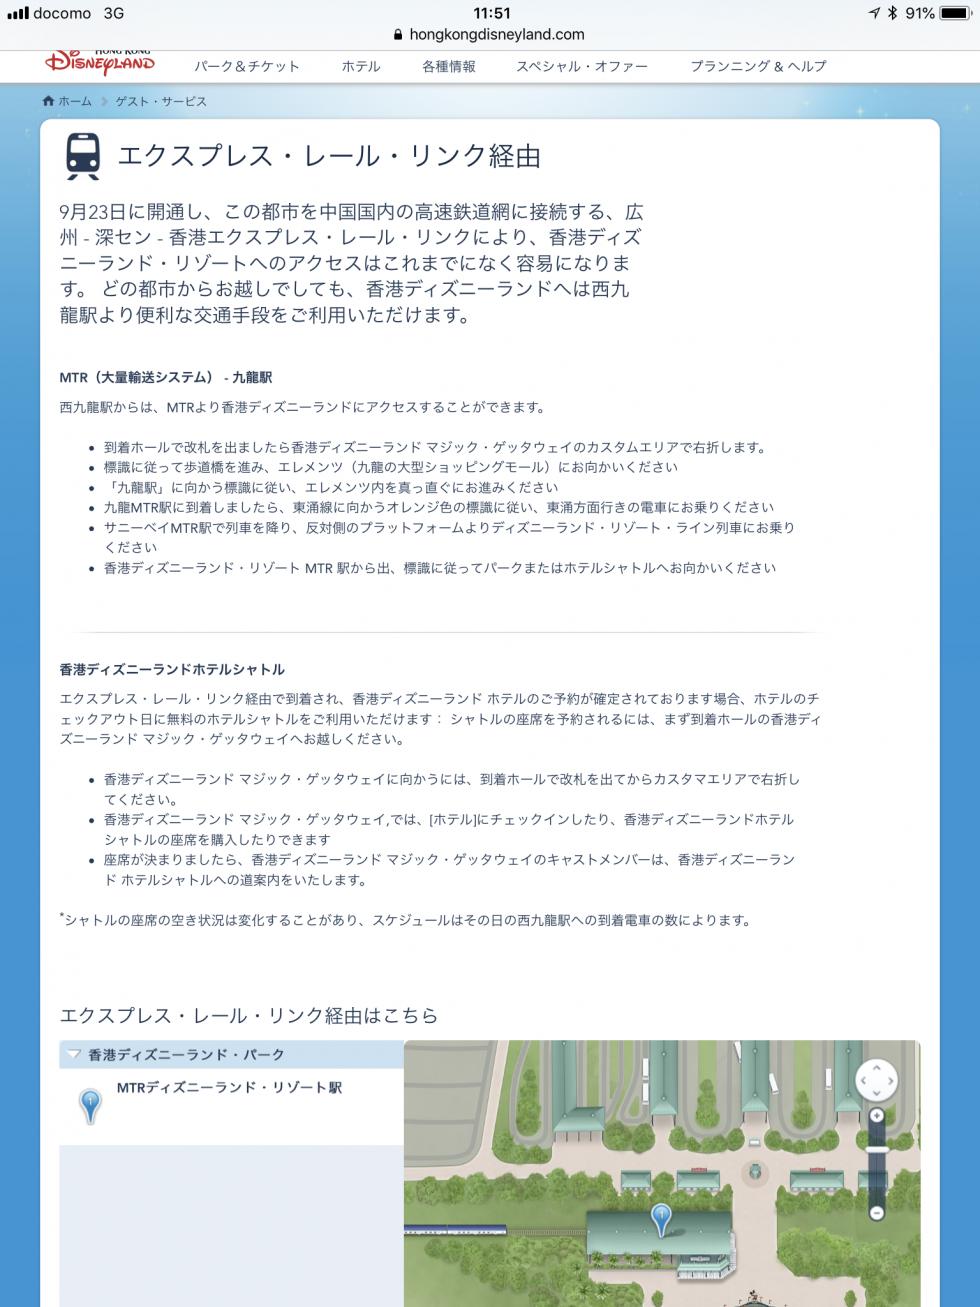 こちらが香港パーク公式サイトのサービス案内。シャトルバスもあるようですが、高速鉄道利用者限定かもしれません